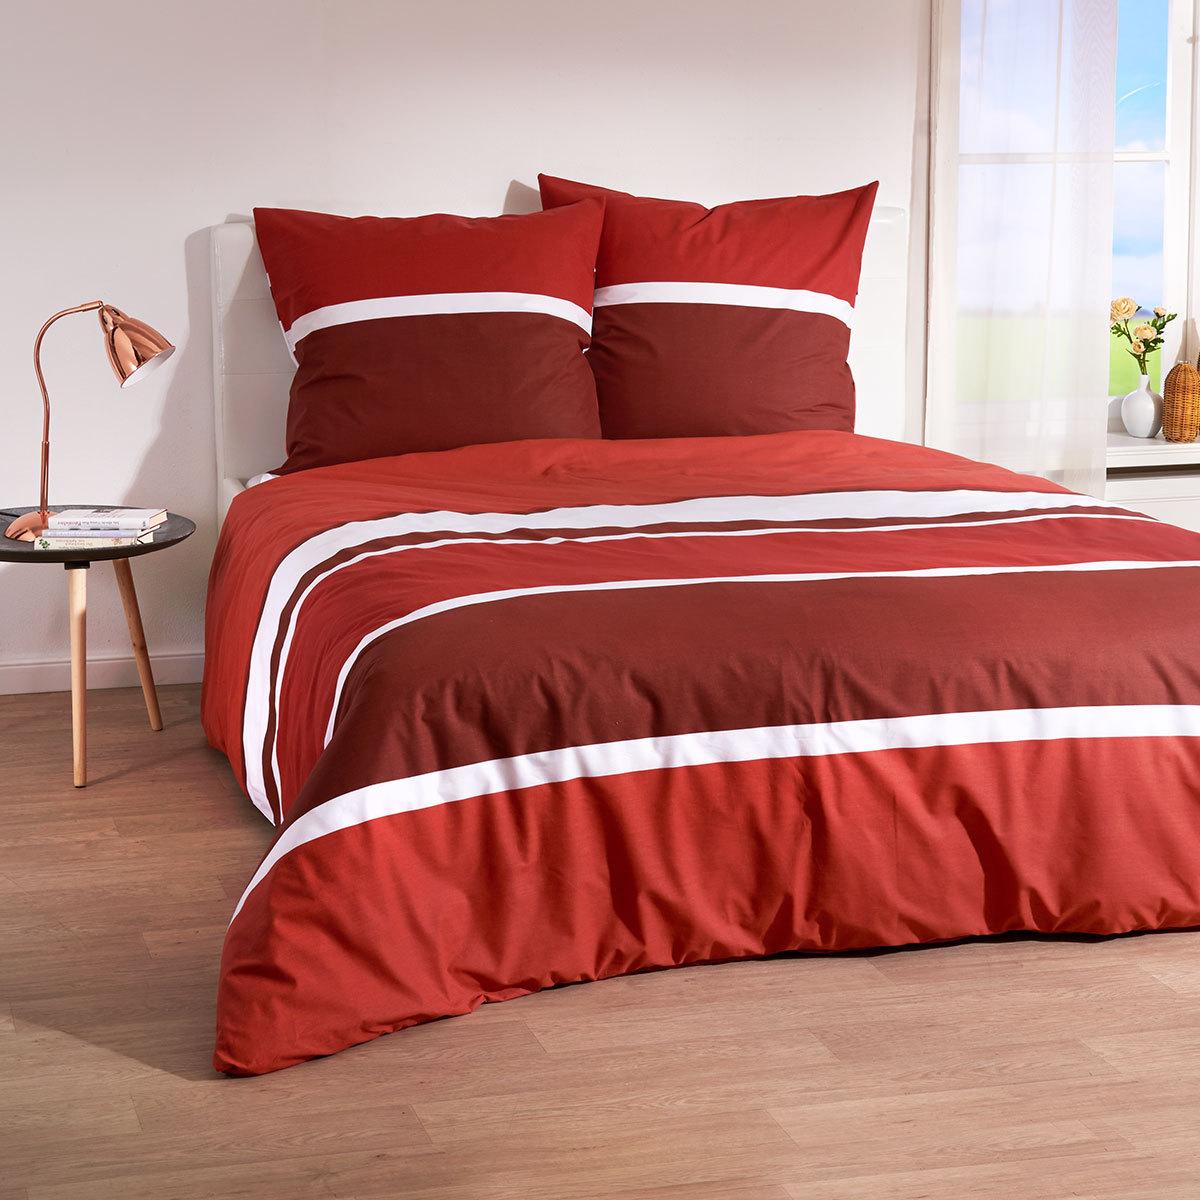 Traumschlaf Bettwäsche Streifen Rot Günstig Online Kaufen Bei